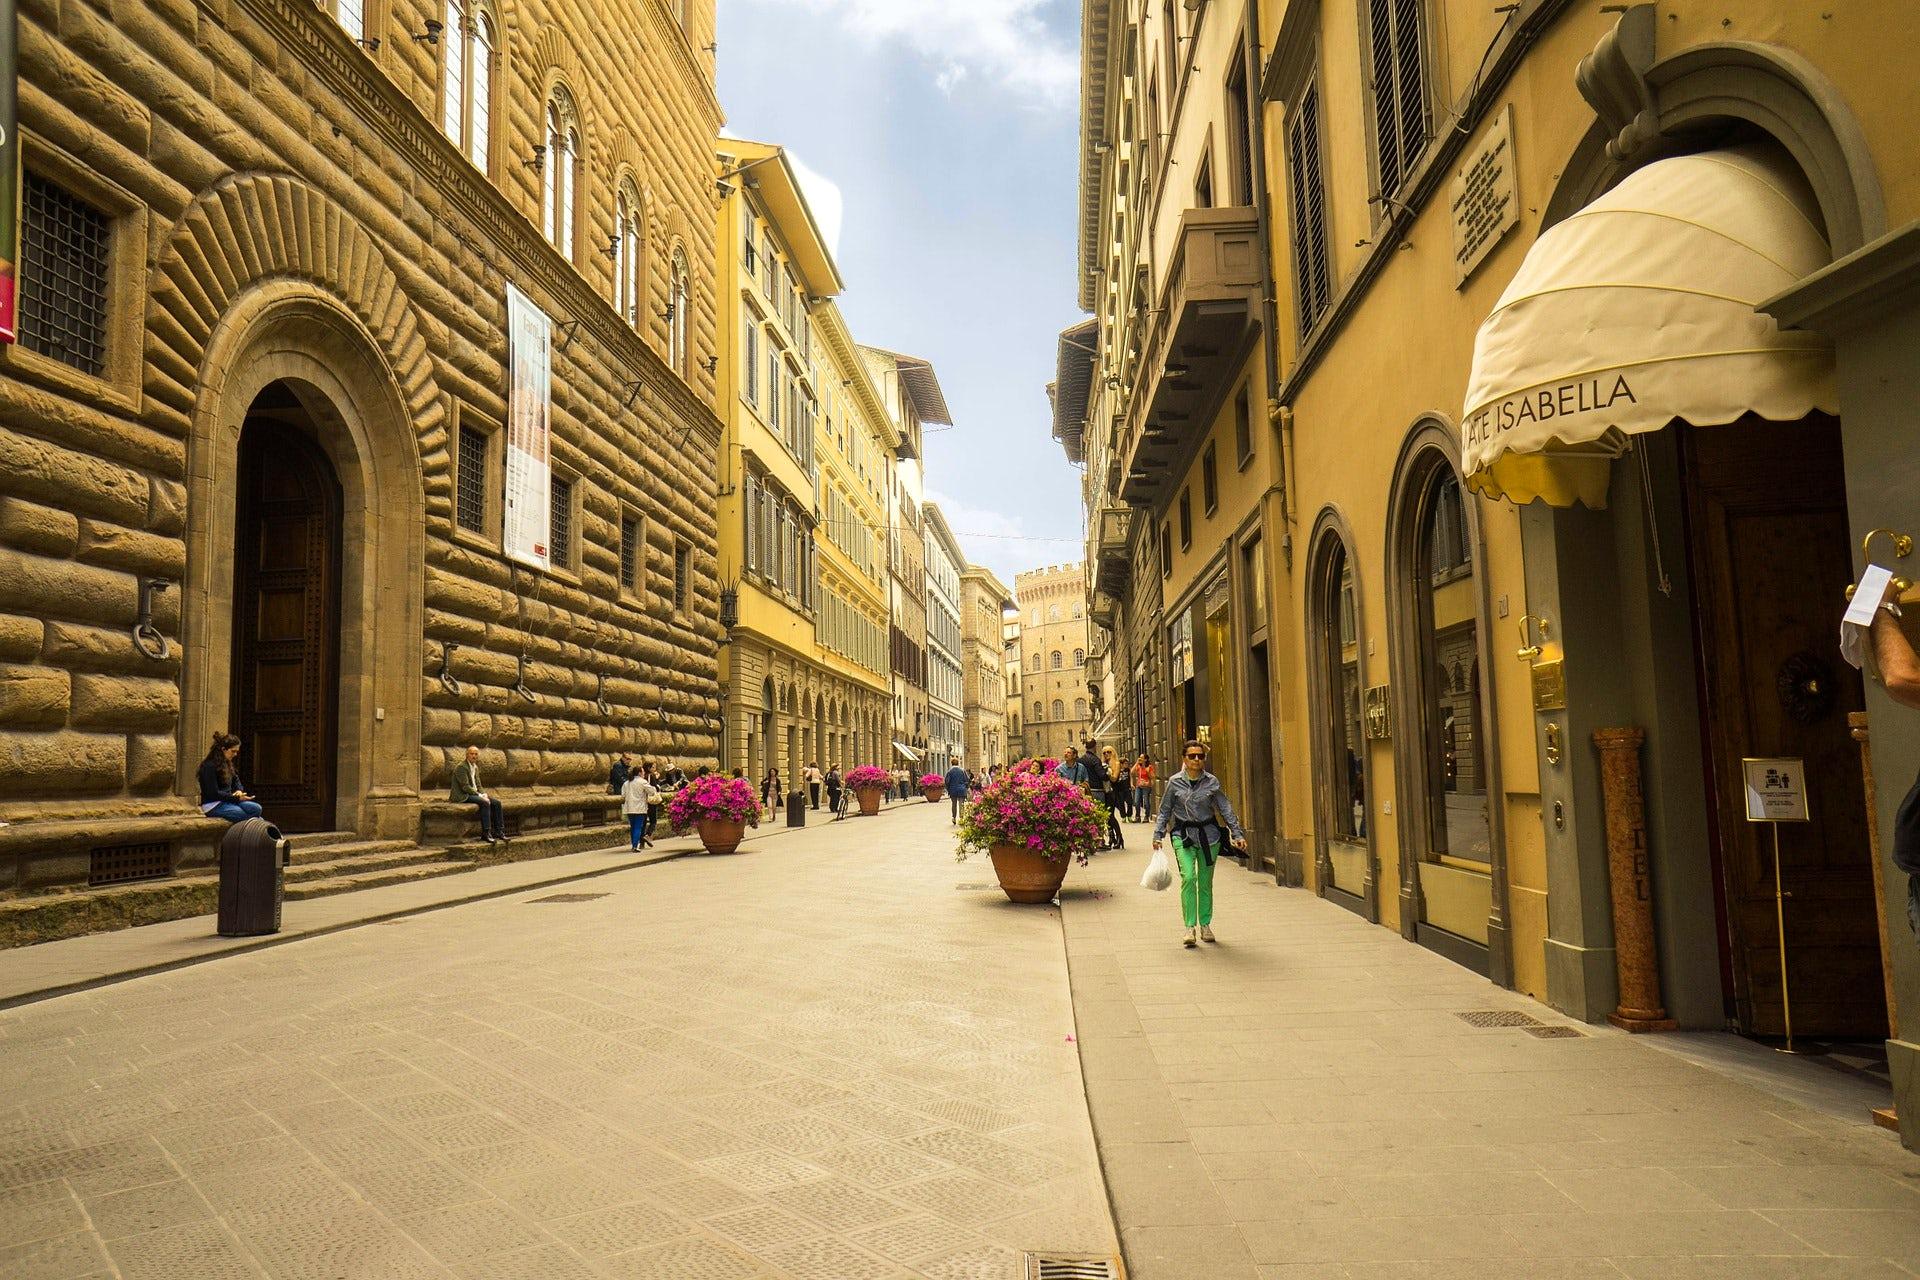 Università degli Studi di Firenze - UniFI- A short guide to the student life